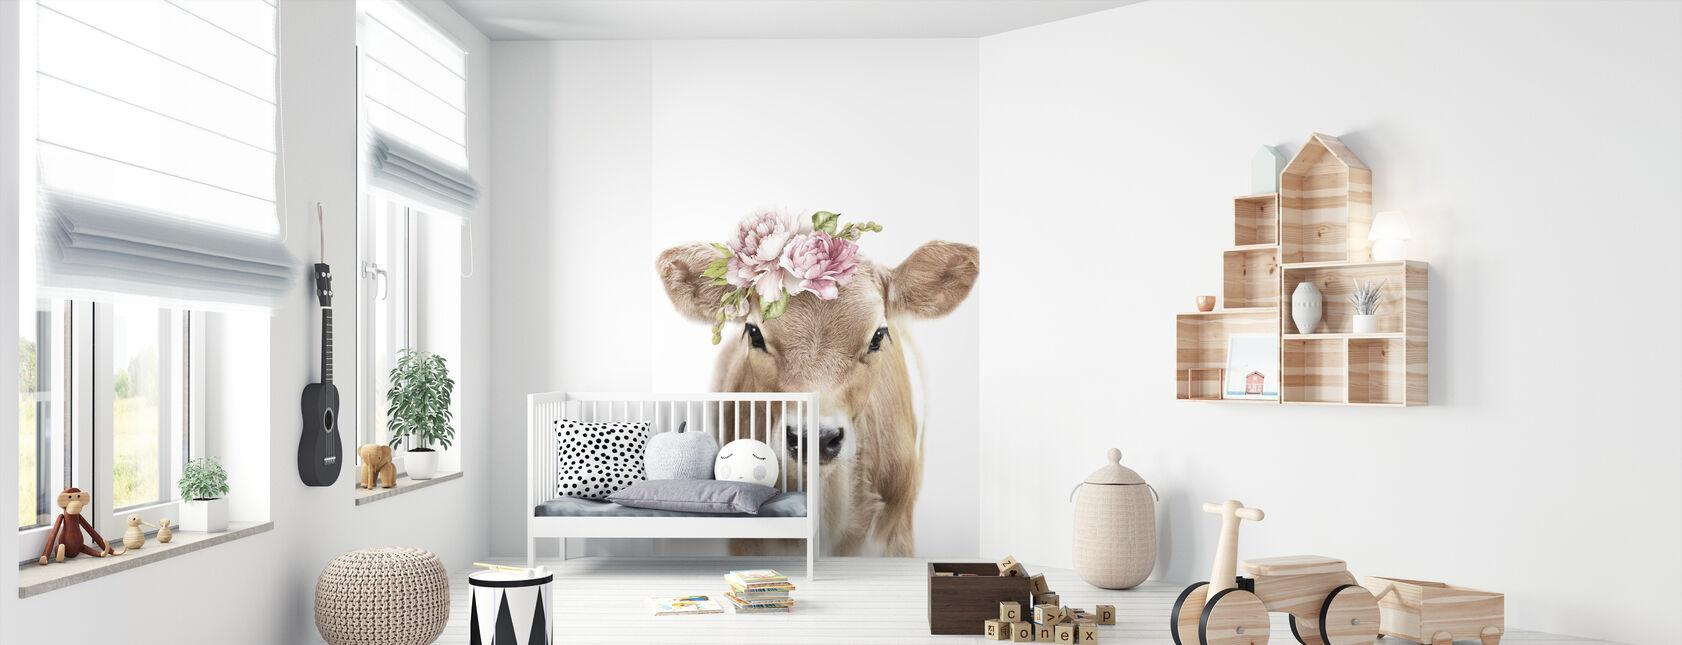 Kukkavasikka - Tapetti - Vauvan huone